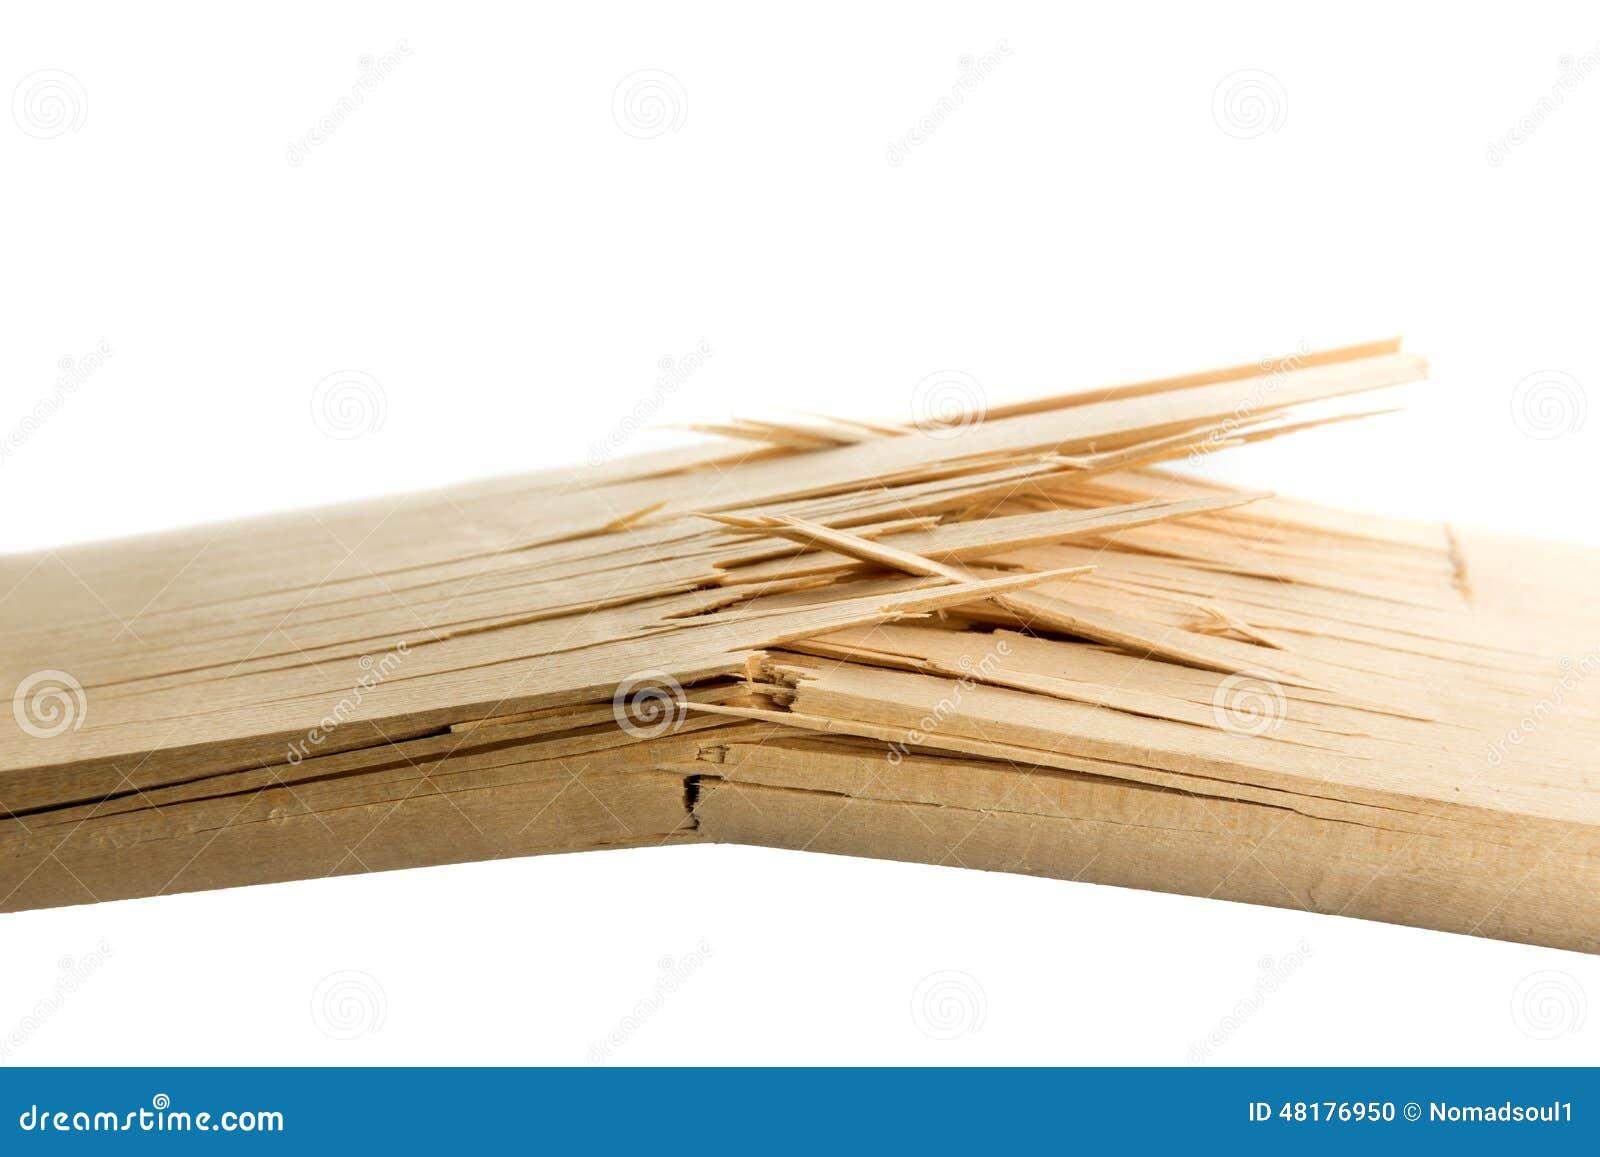 Tablones de madera quebrados foto de archivo imagen - Tablones de madera segunda mano ...